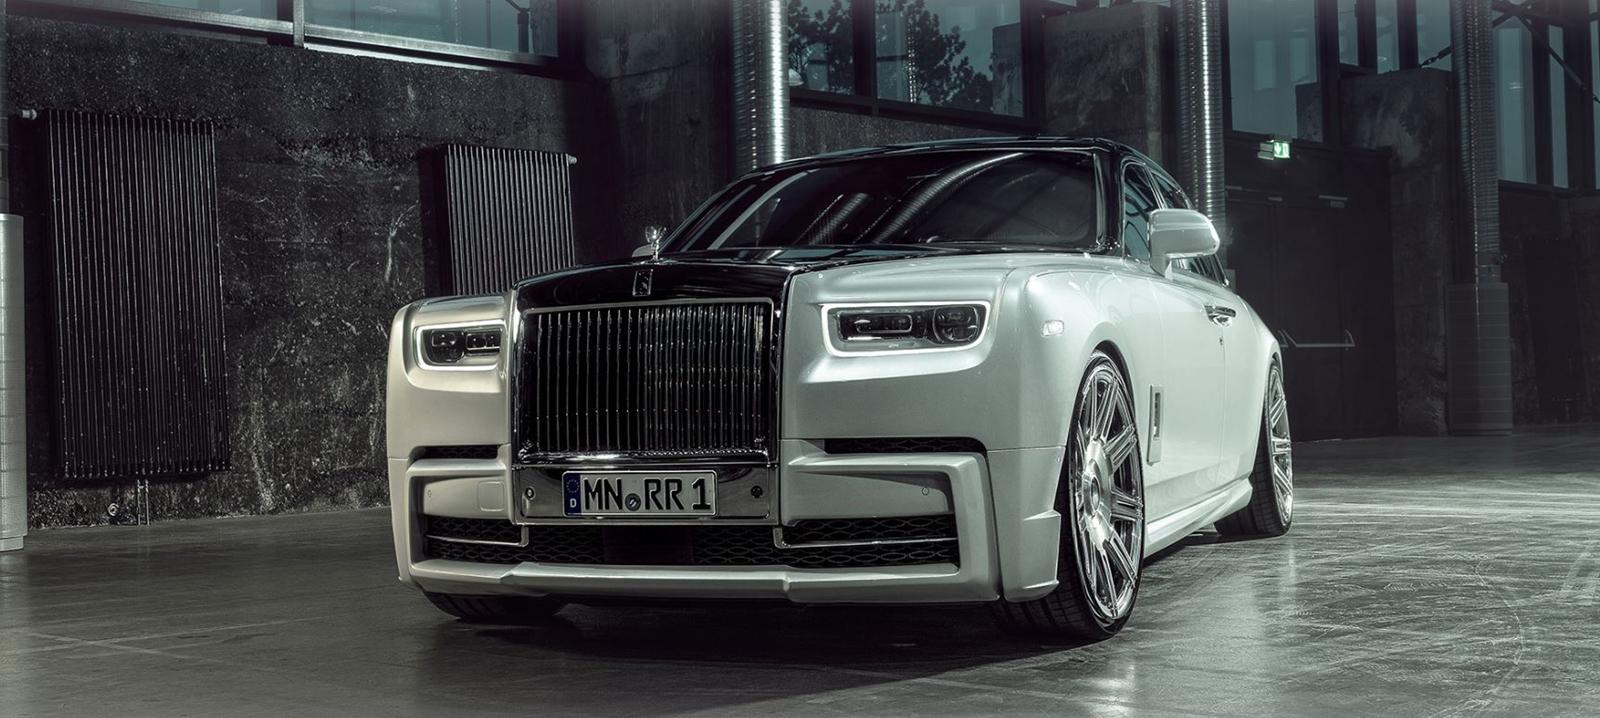 Rolls Royce Phantom Spofec (1)